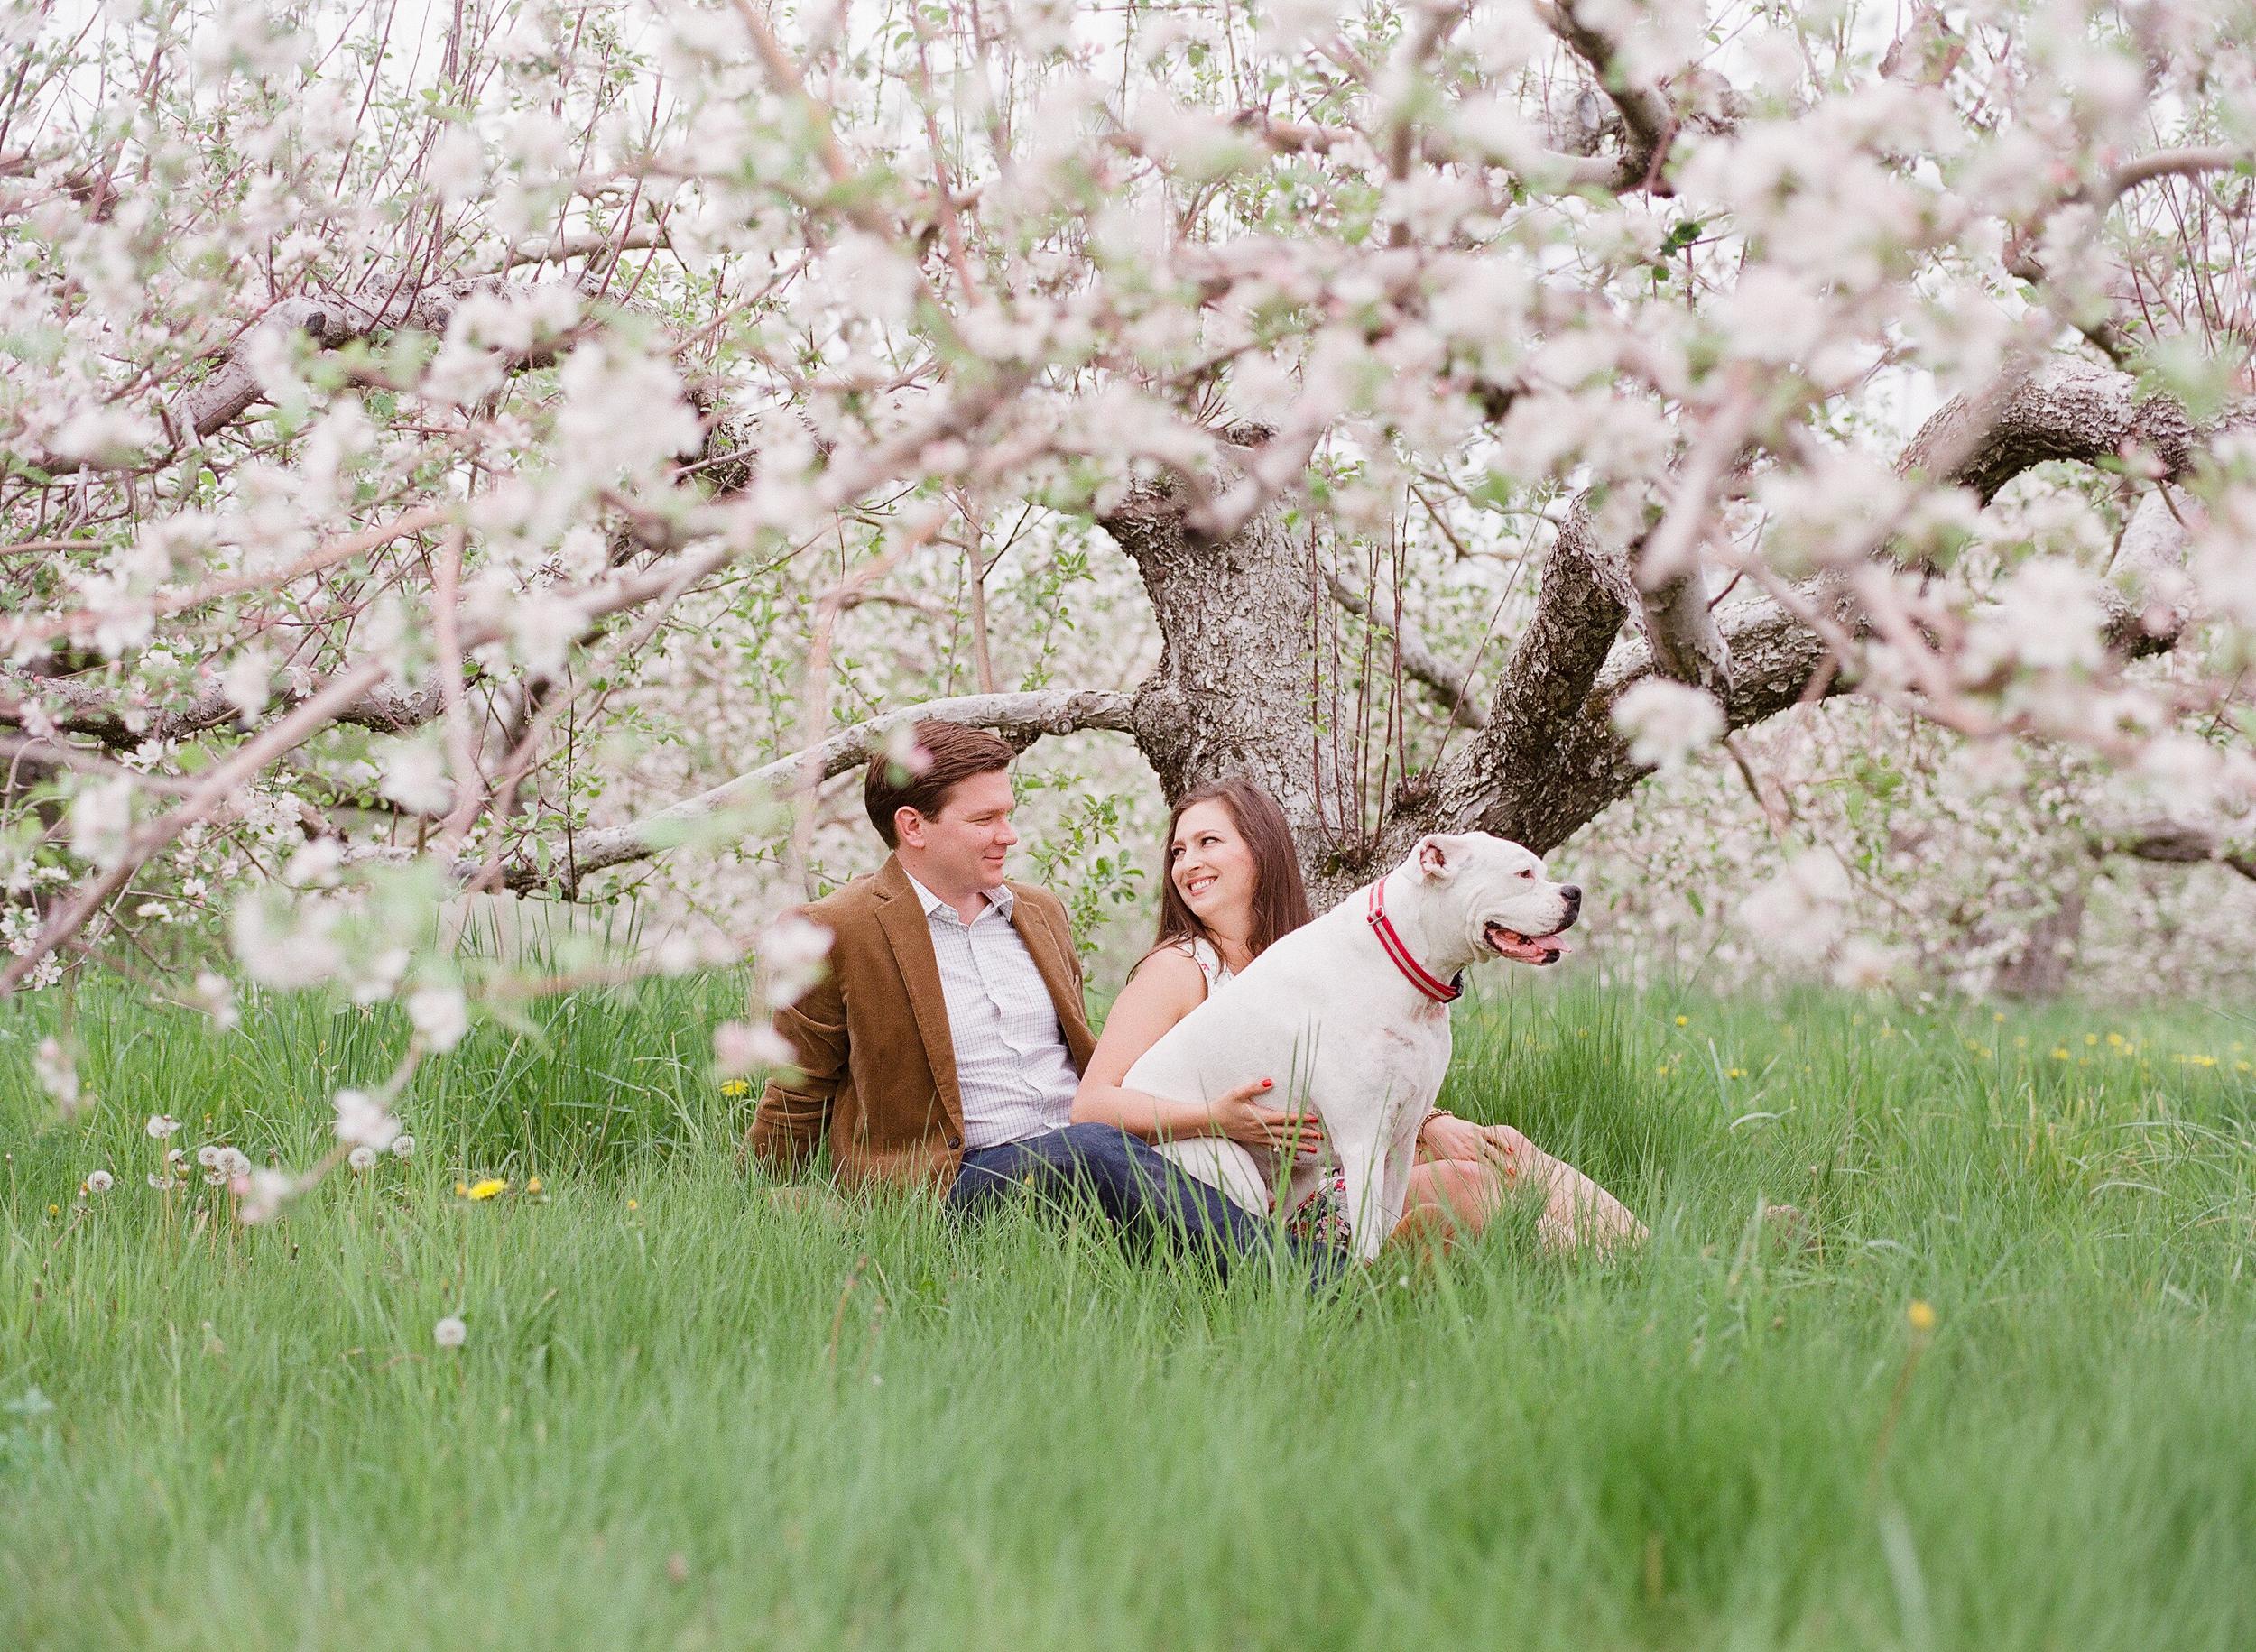 Kim_Andrew_Applecrest_Engagement-2.jpg